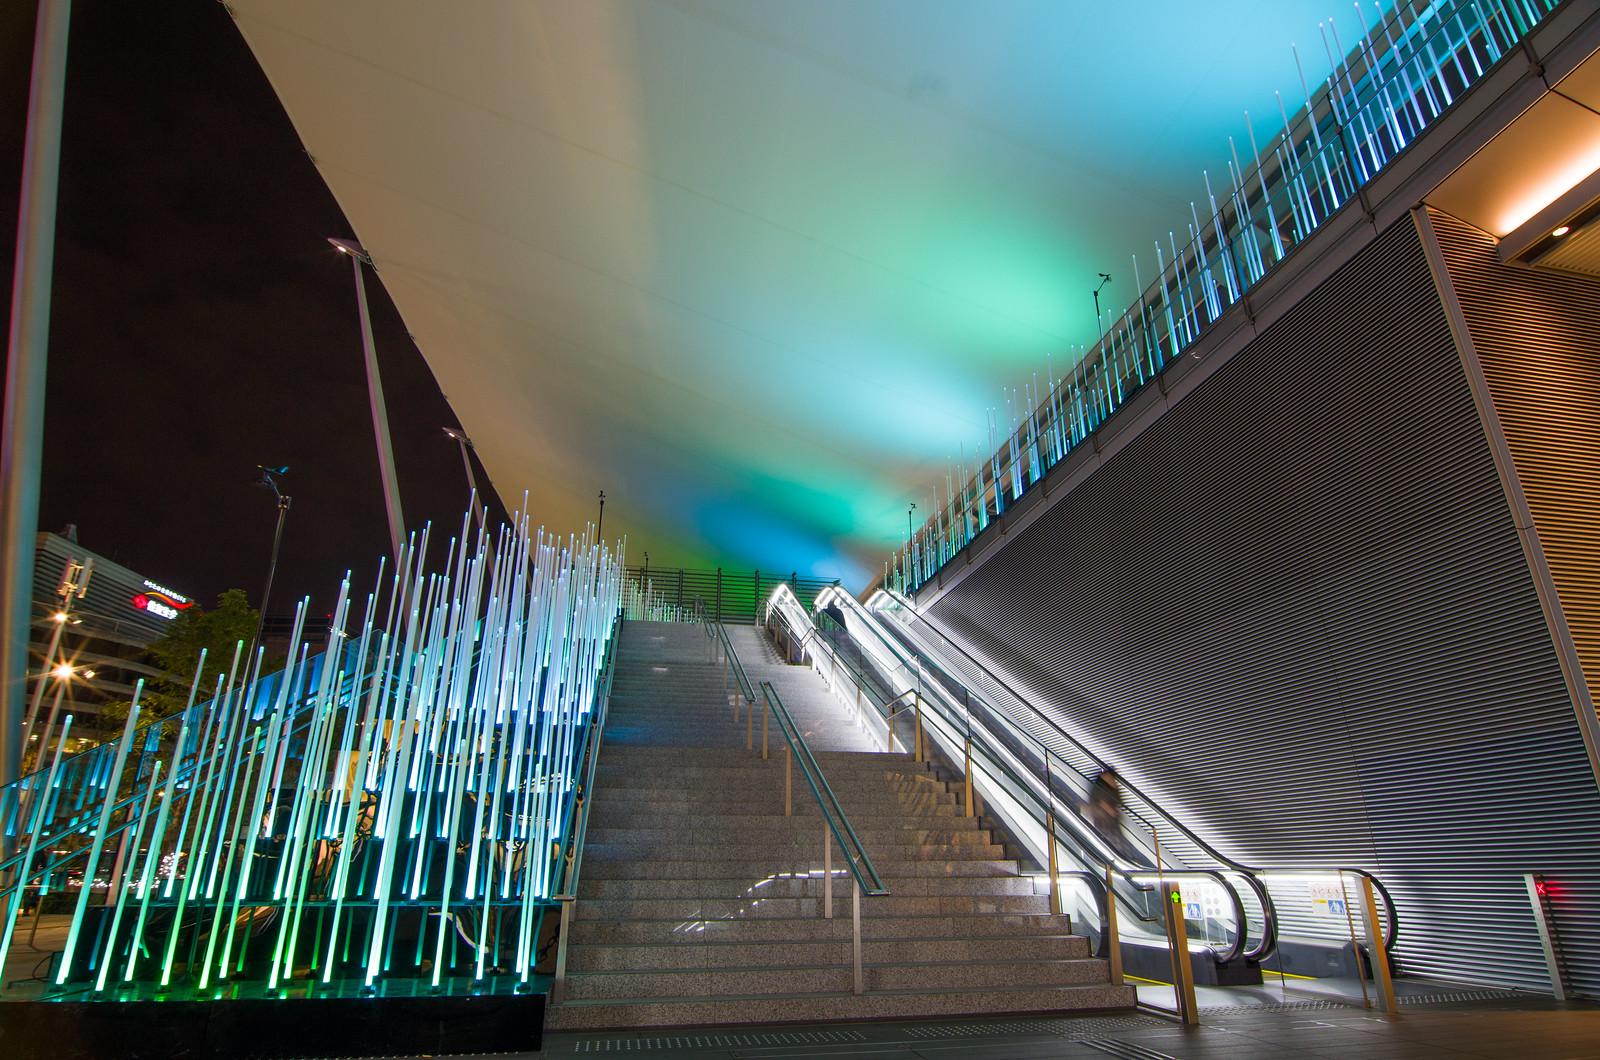 """東京駅グランルーフ """"Tokyo colors."""" イルミネーション / Tokyo Station GranRoof Illumination """"Tokyo colors."""""""